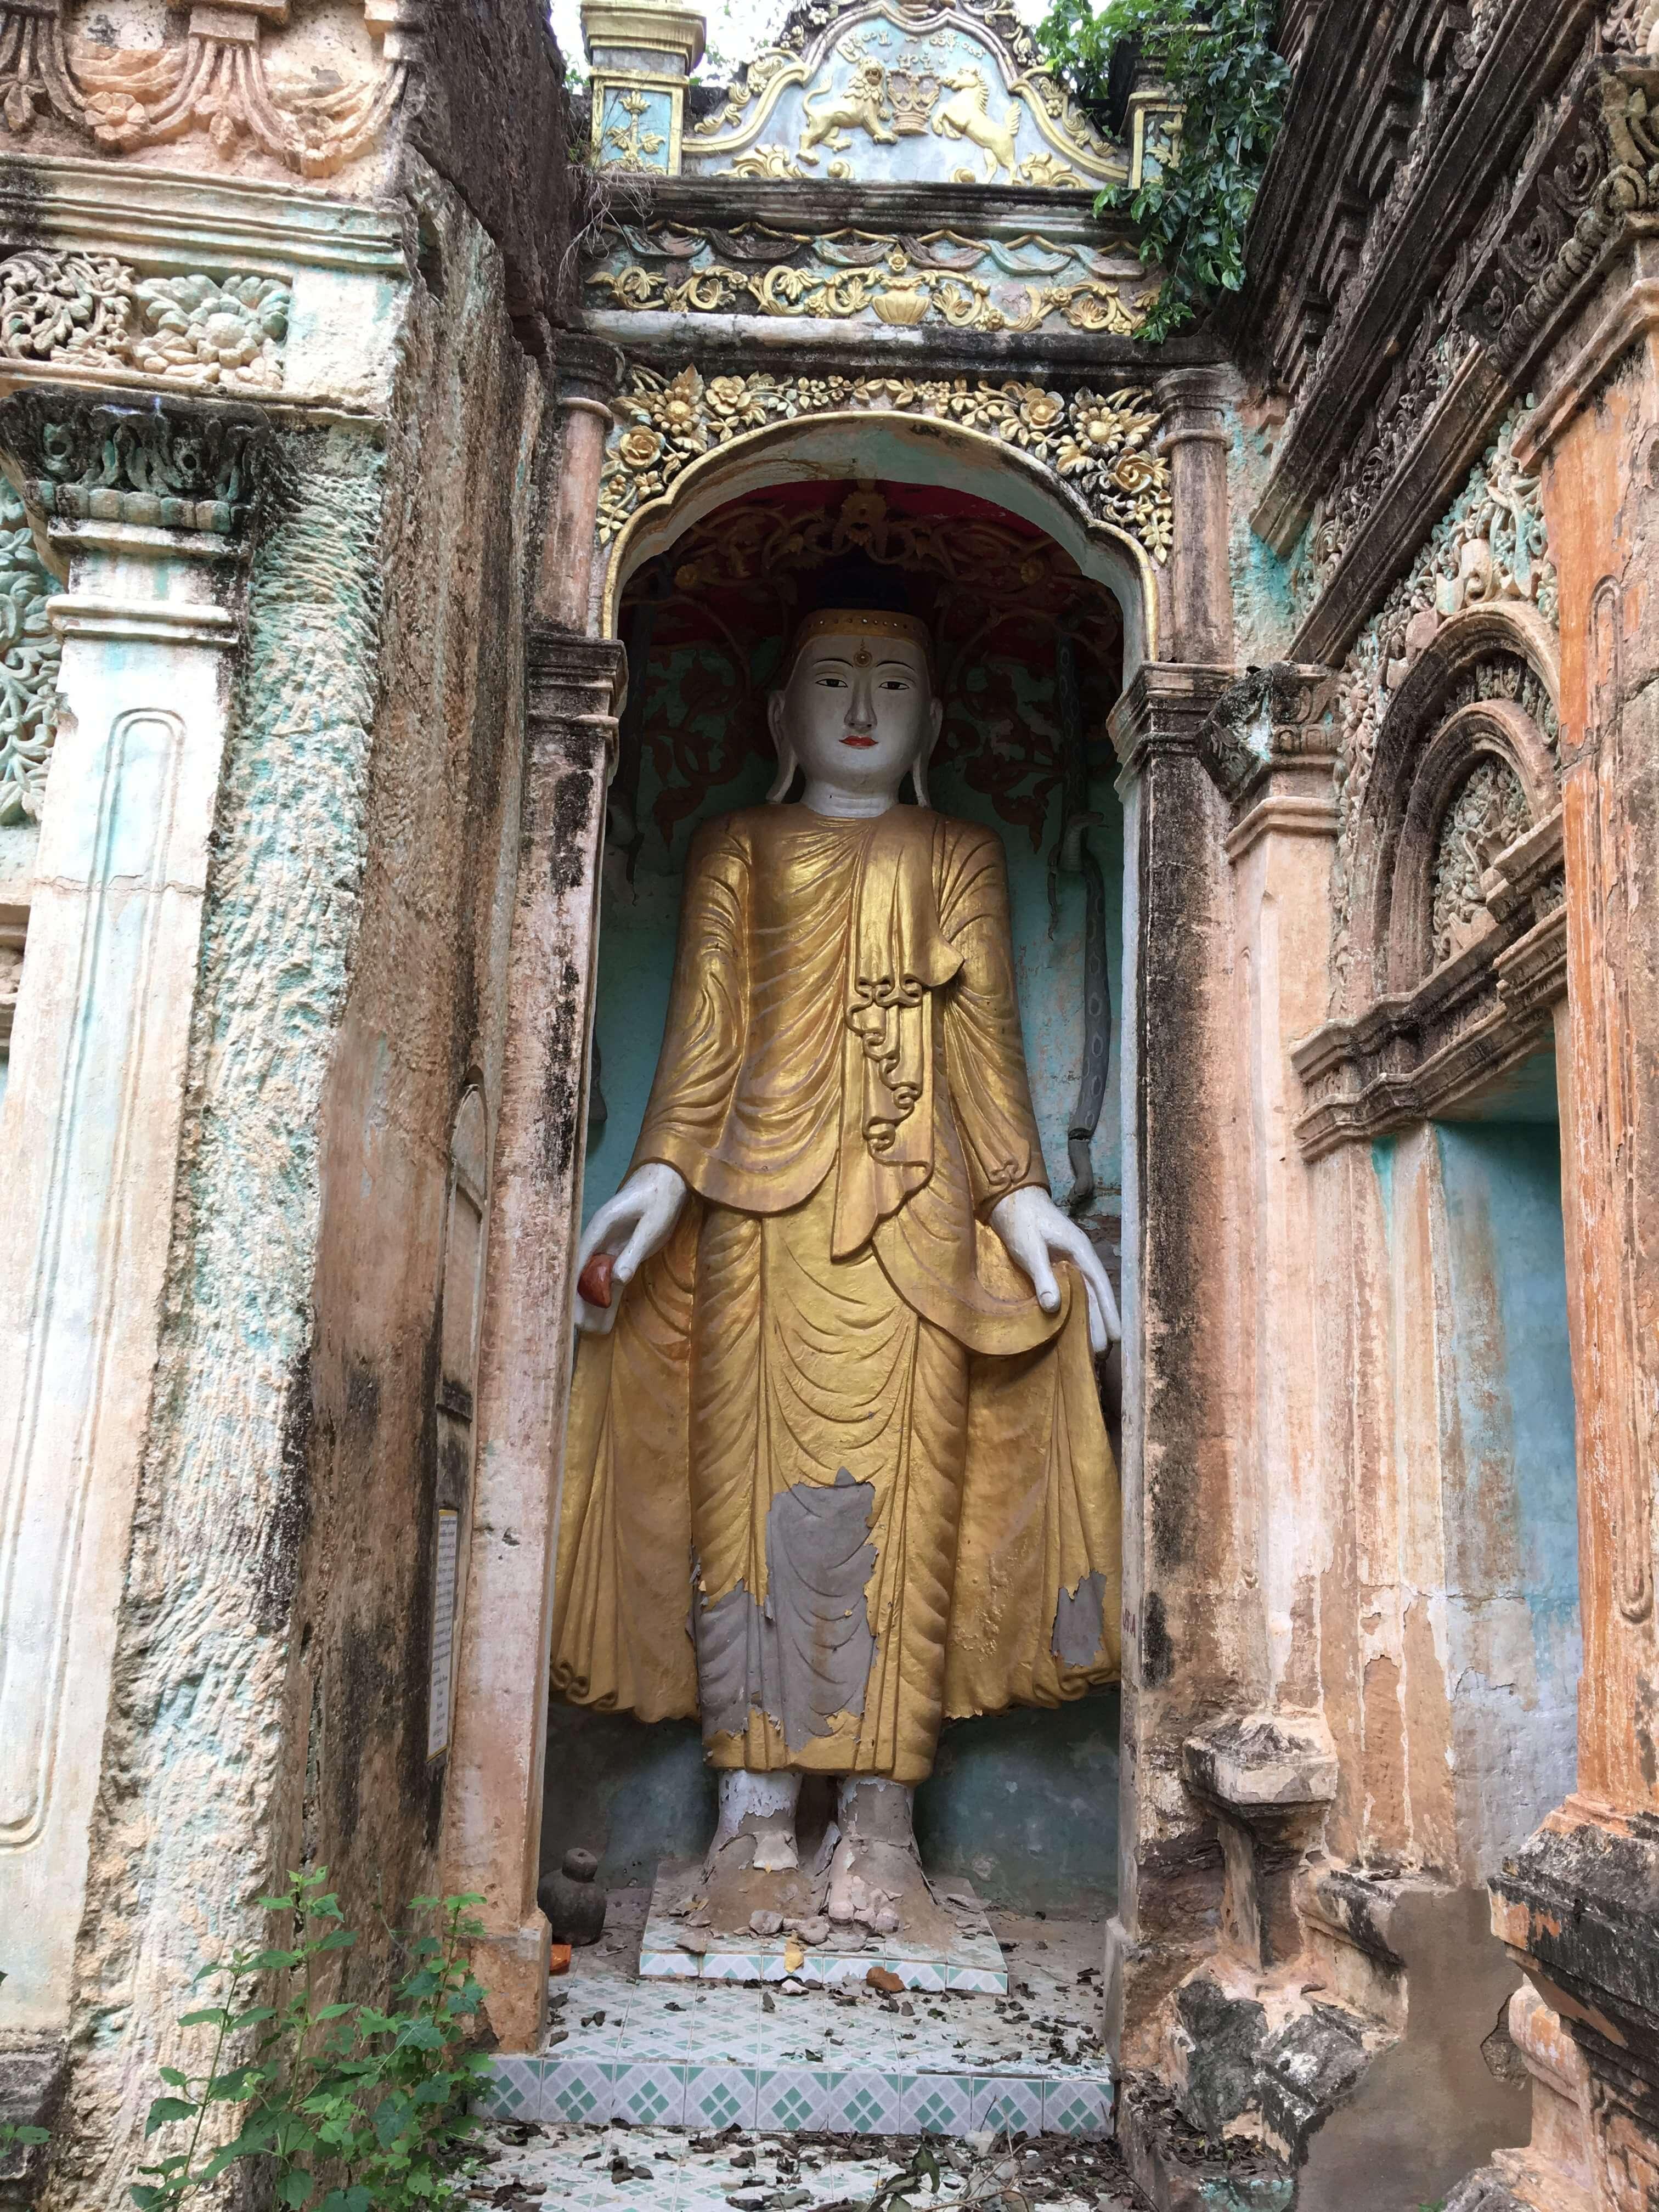 Phwe win caves, Myanmar